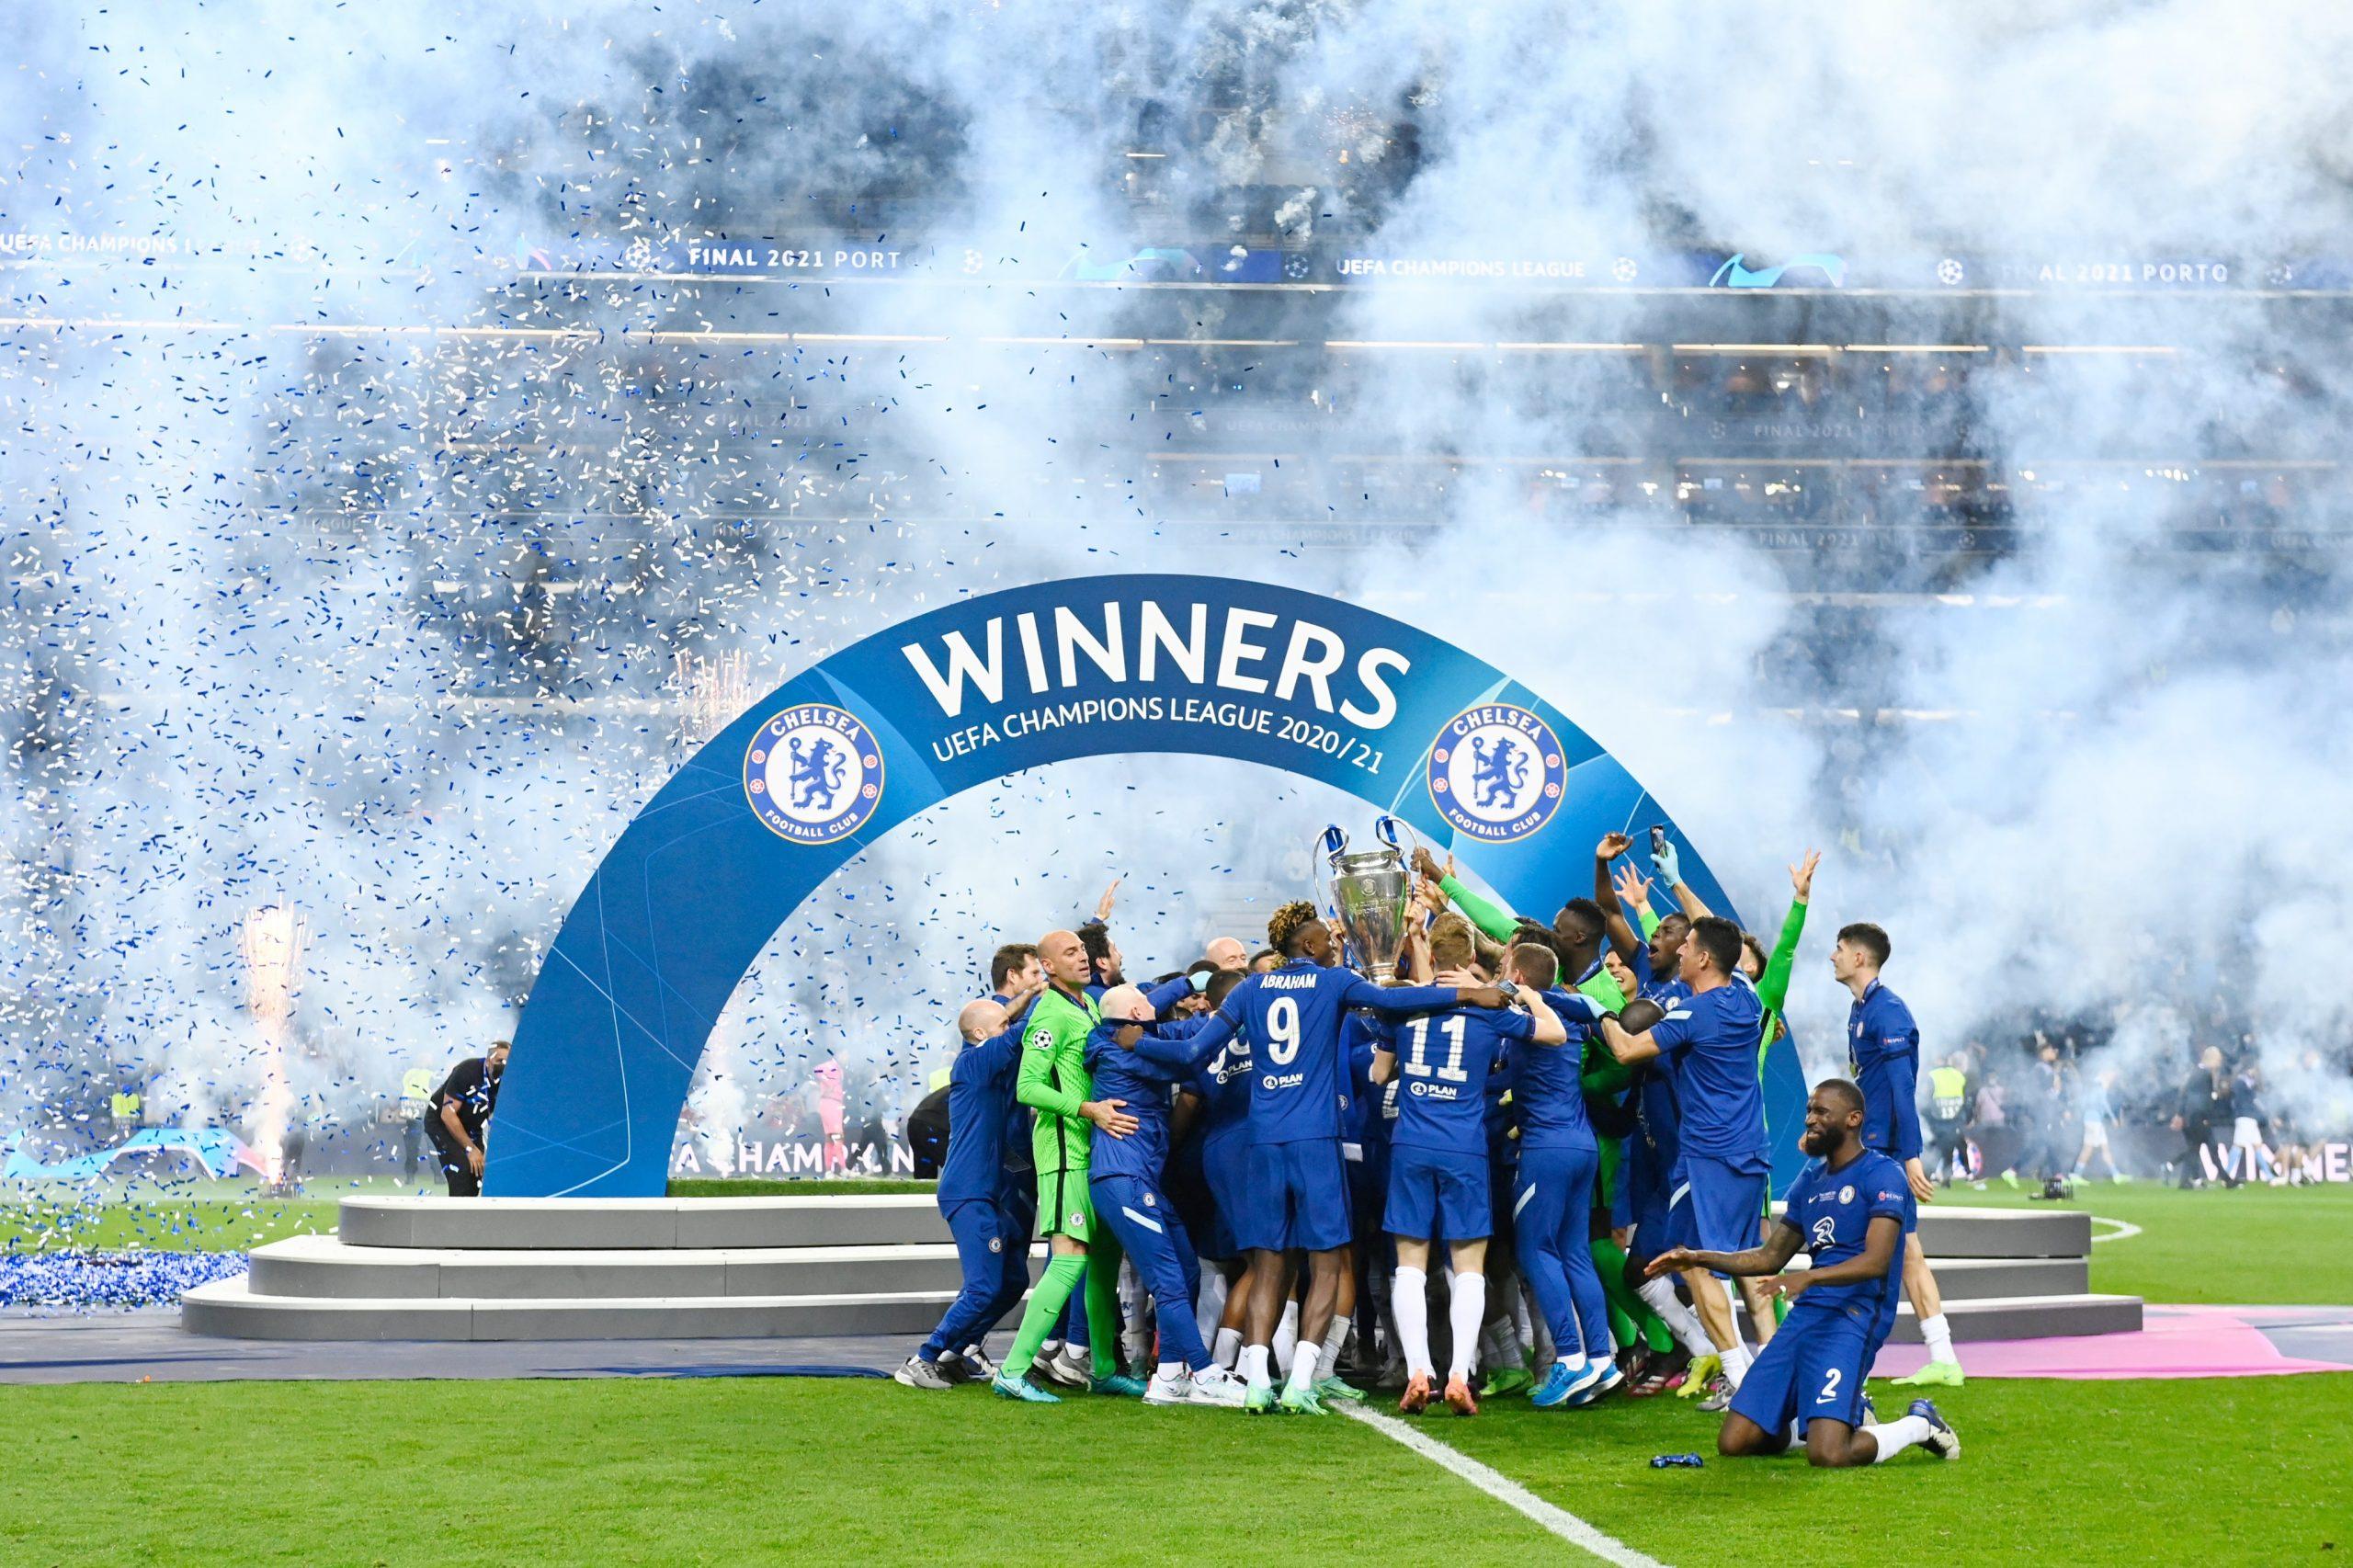 Para pemain Chelsea merayakan kemenangan seusai meraih trofi Liga Champions. (@ChelseaFC/Twitter)